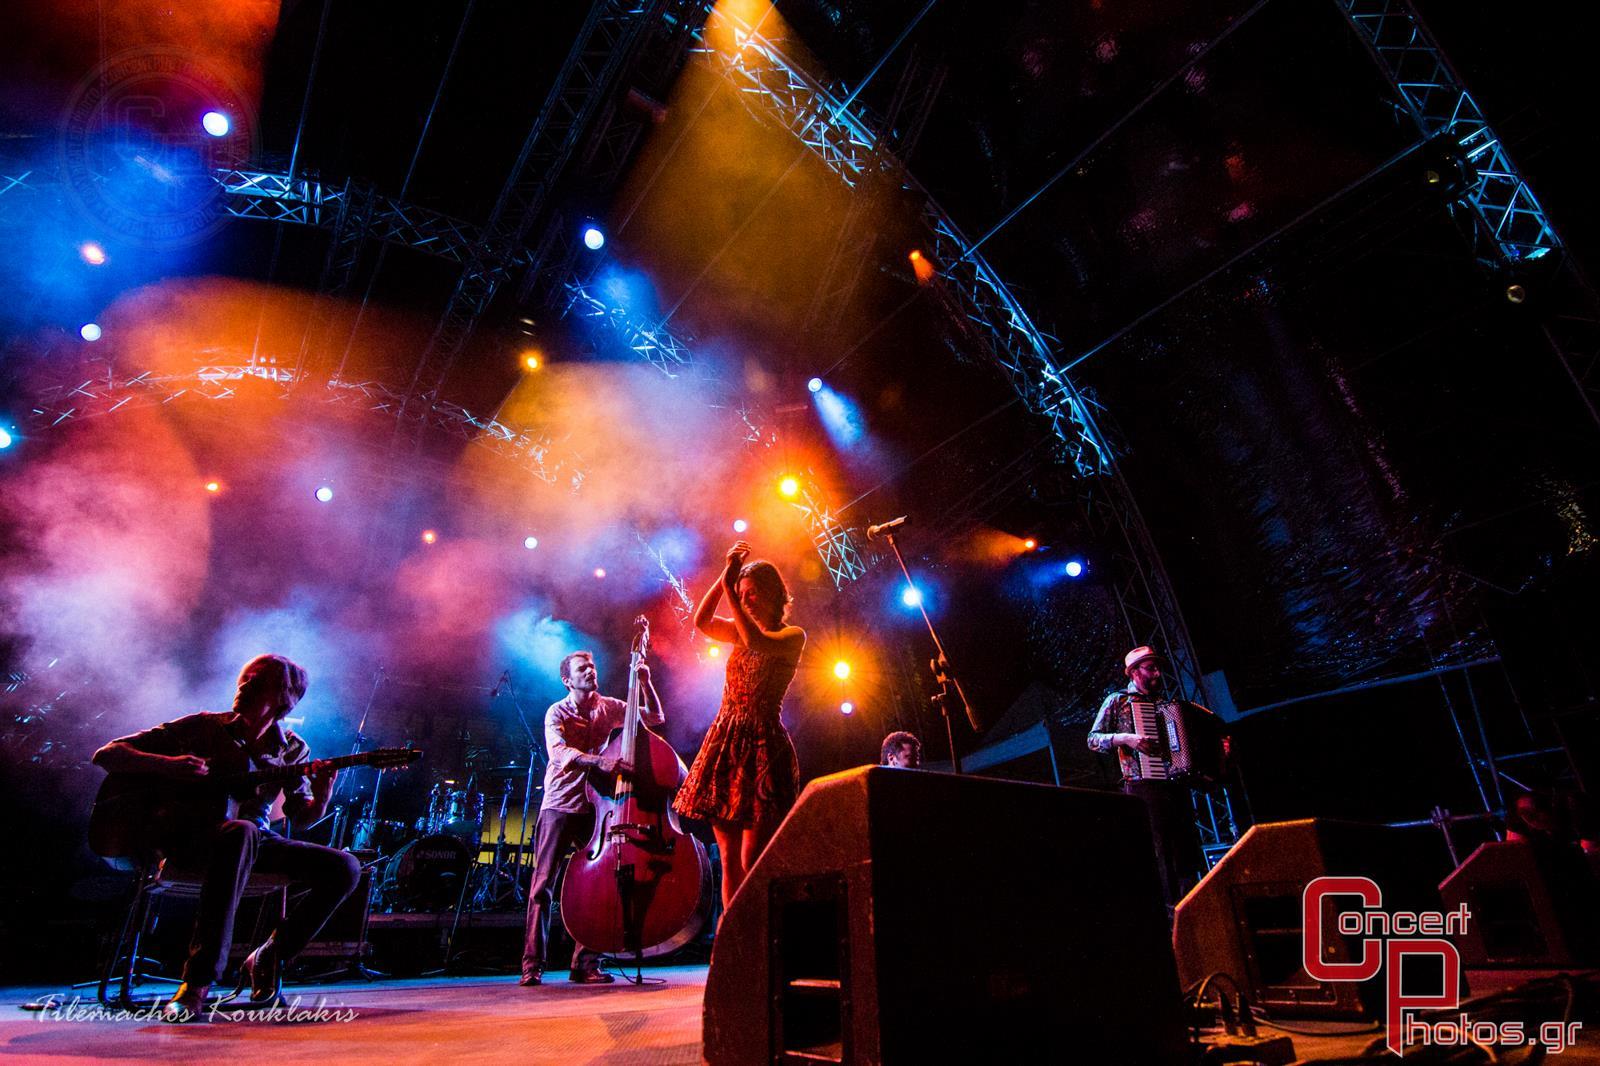 Μία συναυλία για τη Σχεδία 2014-Sxedia 2014 photographer:  - concertphotos_20140530_20_13_34-5